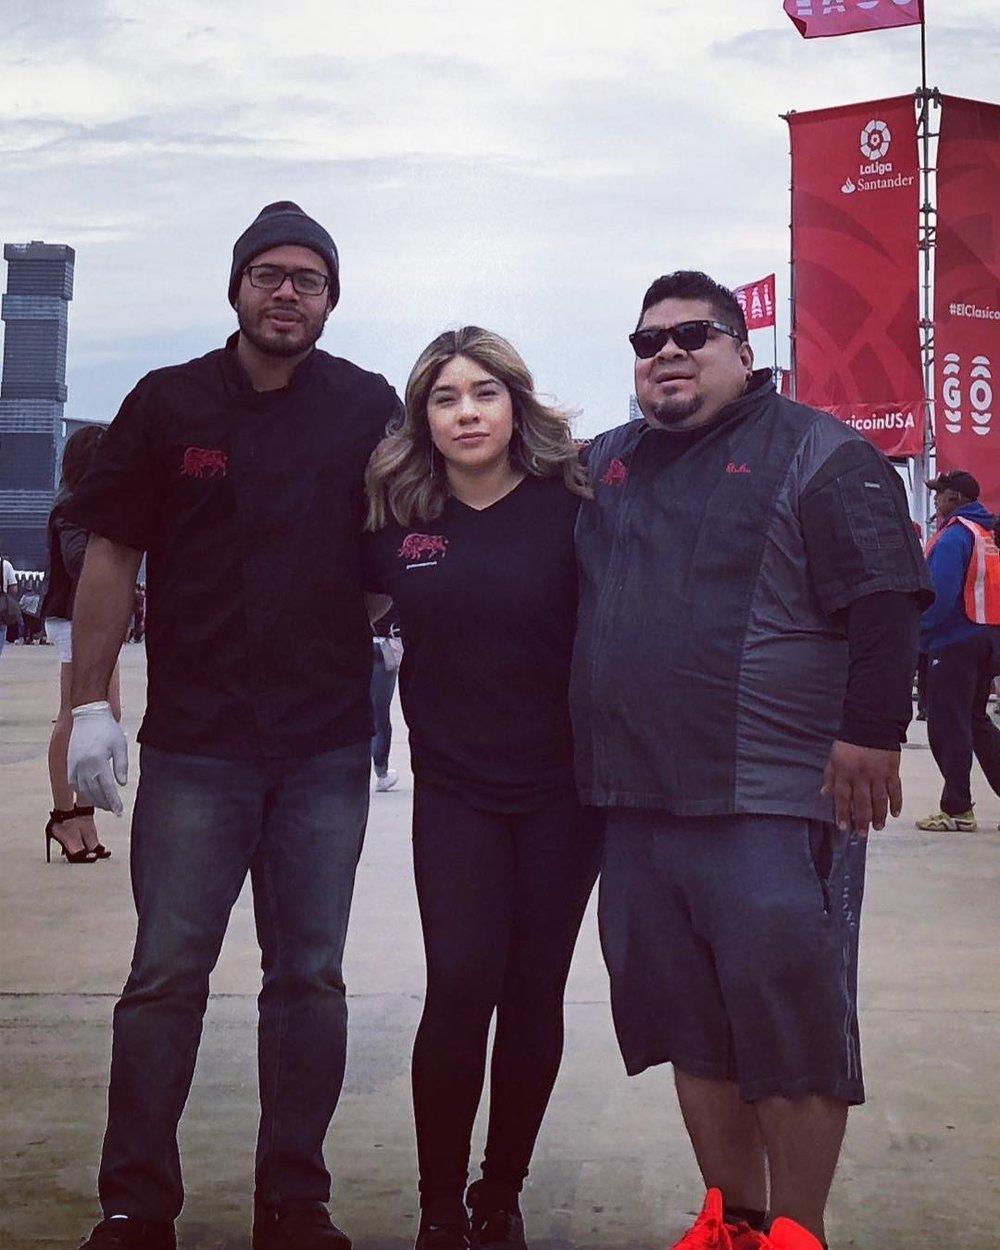 El Toro Rojo - Dennis, his father and sister